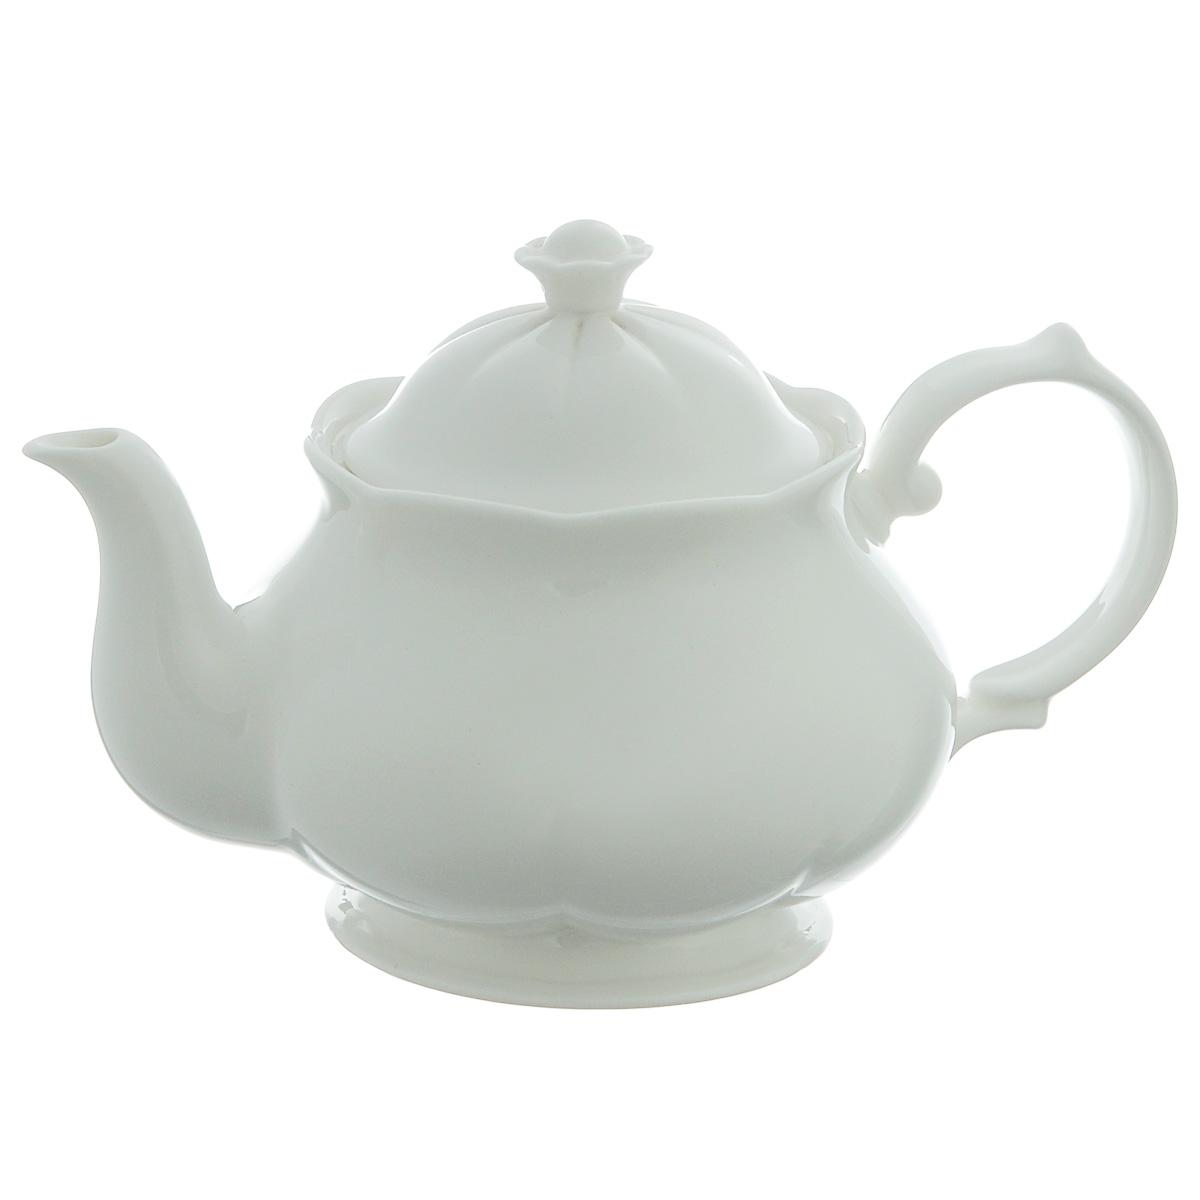 Чайник заварочный Royal Bone China White, 0,5 л89ww/0351Заварочный чайник Royal Bone China White, изготовленный из костяного фарфора с содержанием костяной муки (45%), прекрасно впишется в интерьер вашей кухни и станет достойным дополнением к кухонному инвентарю. Основным достоинством изделий из костяного фарфора является абсолютно гладкая глазуровка. Такие изделия сочетают в себе изысканный вид с прочностью и долговечностью. Чайник снабжен эргономичной крышкой и изящной ручкой. Заварочный чайник Royal Bone China White не только украсит ваш кухонный стол и подчеркнет прекрасный вкус хозяйки, но и станет отличным подарком.Объем чайника: 0,5 л.Высота (с учетом крышки): 12 см.